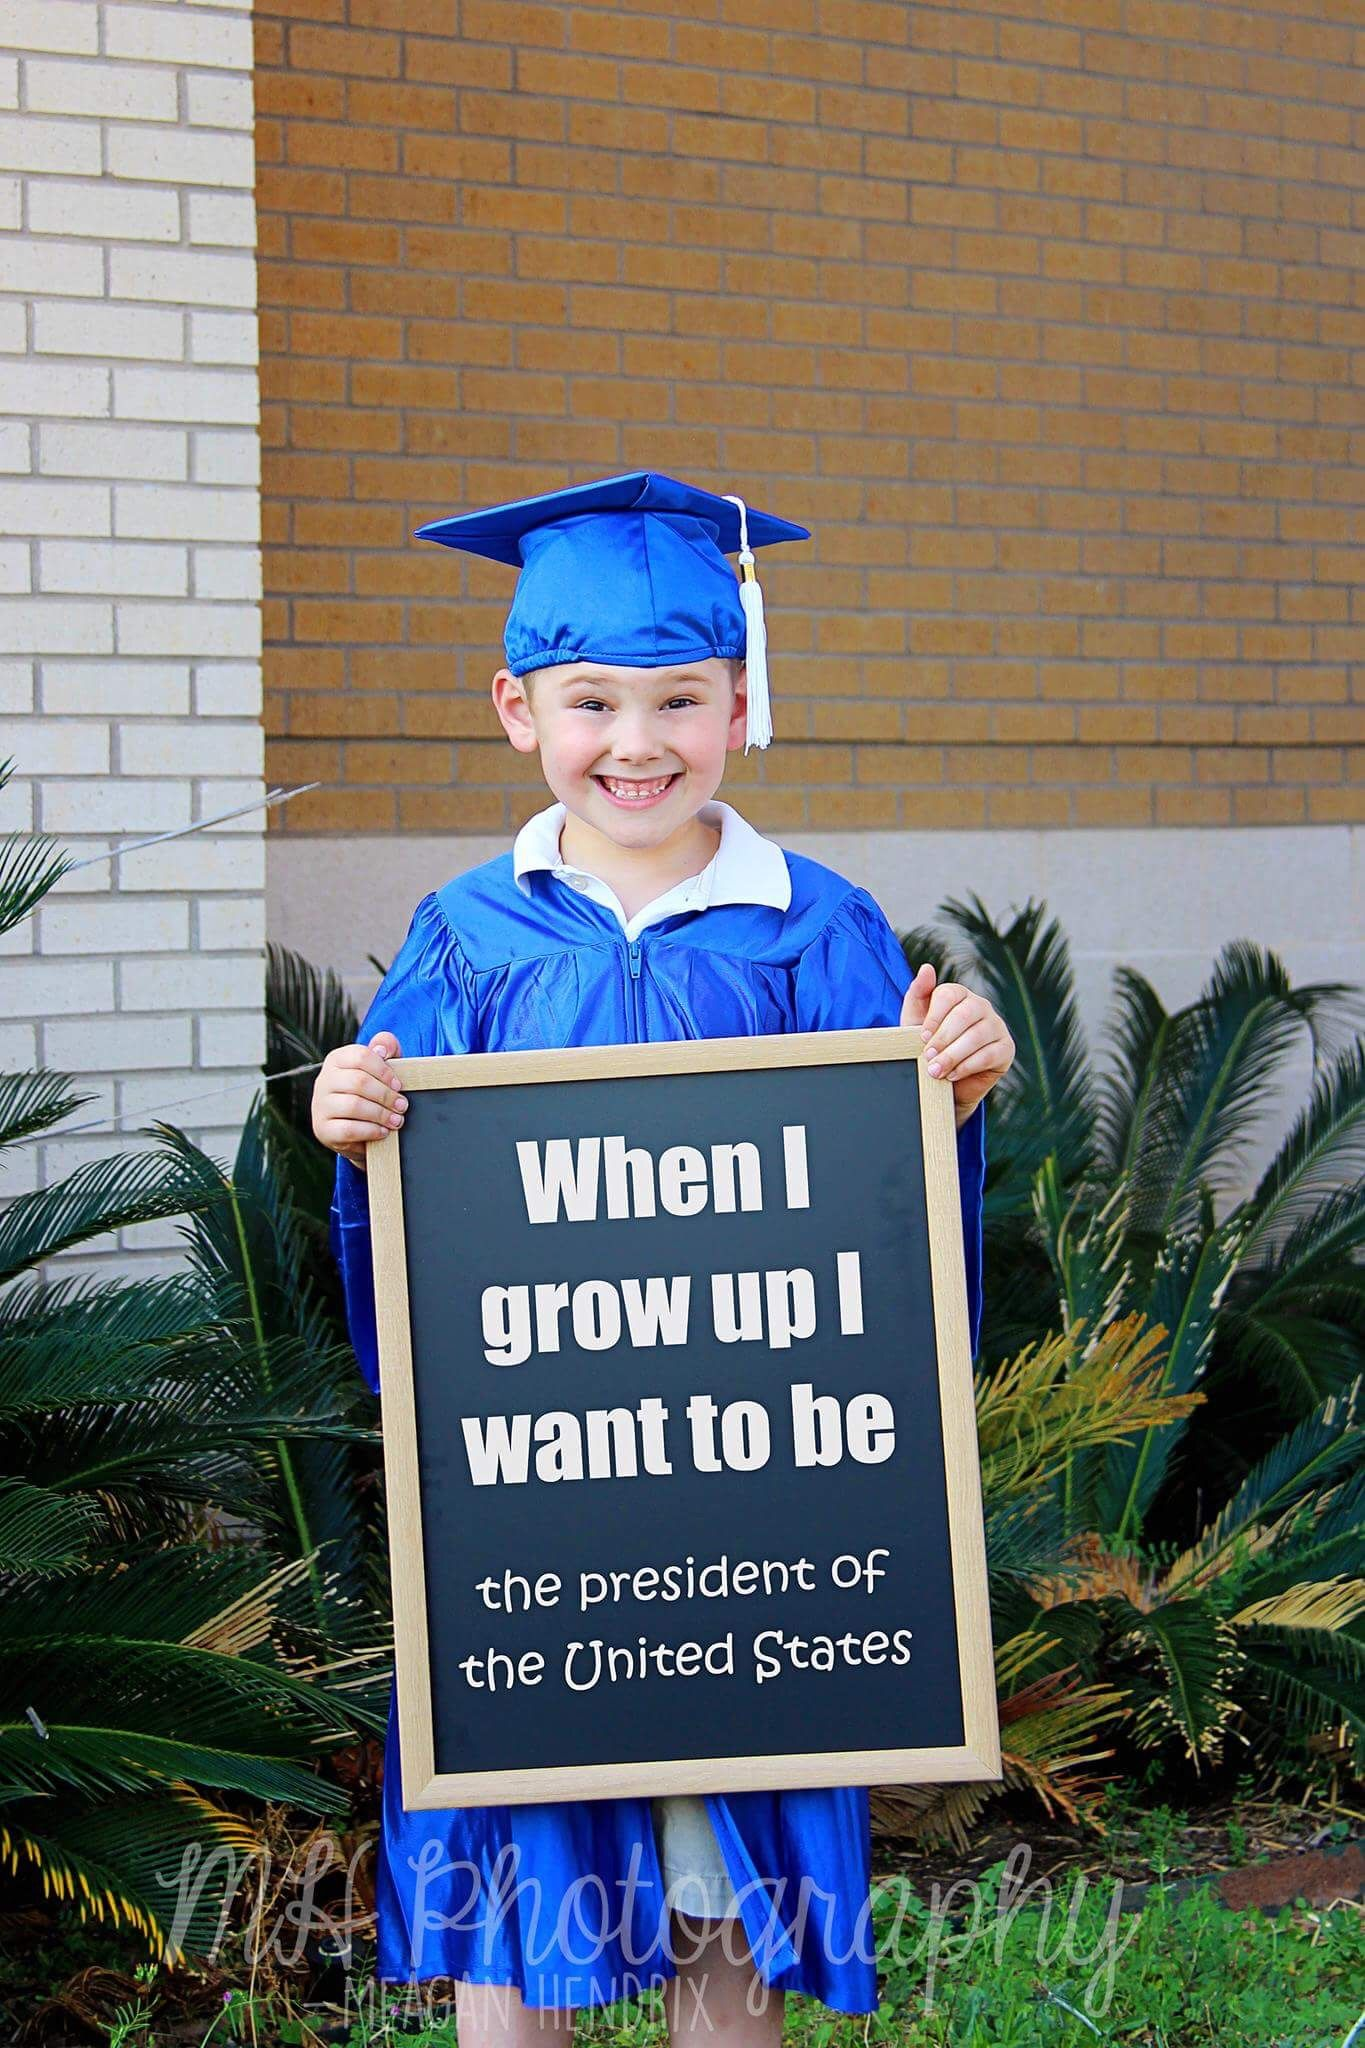 Kinder Garden: Kindergarten Graduation Pictures